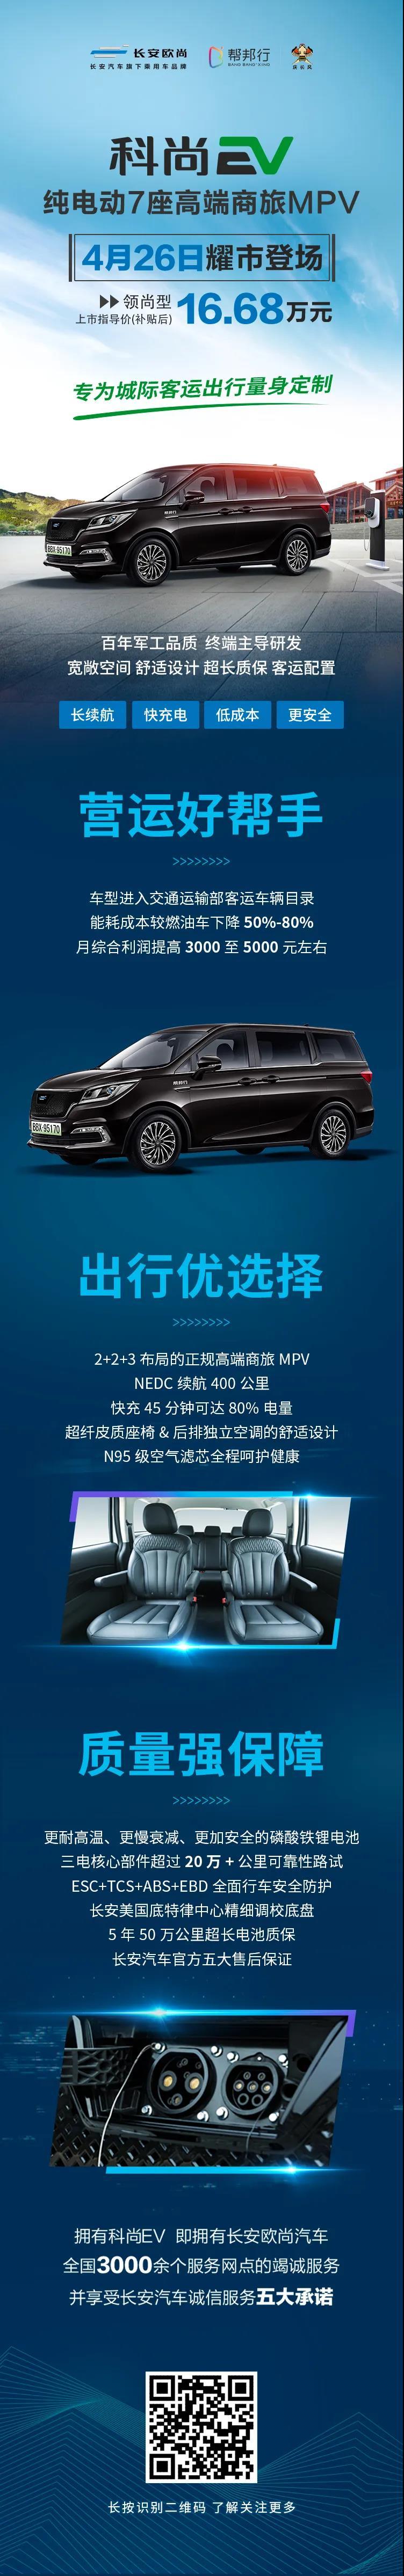 摩登联手车企研发定制客运新车型备受瞩目,一图带您了解科尚EV2020